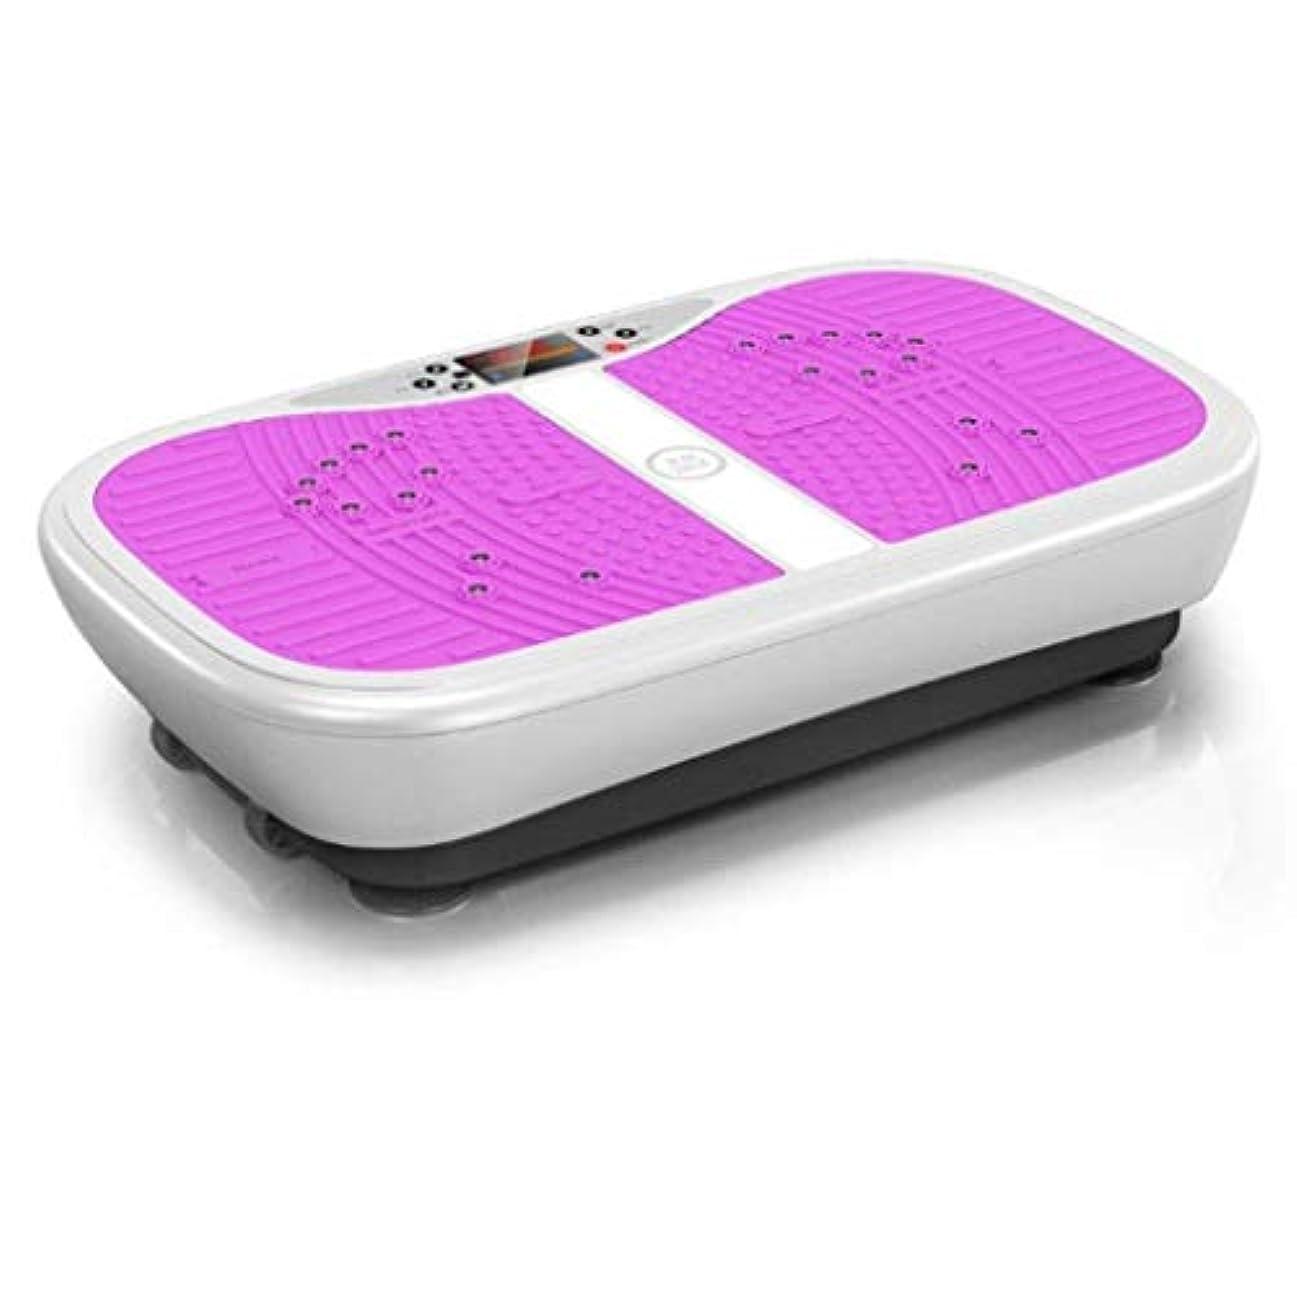 統治可能給料エスカレーター減量マシン、モーション振動シェーピングボディフィットネスマシン、99レベルの速度と抵抗バンド、家族向け、ユニセックスバイブレーショントレーナー (Color : 紫の)